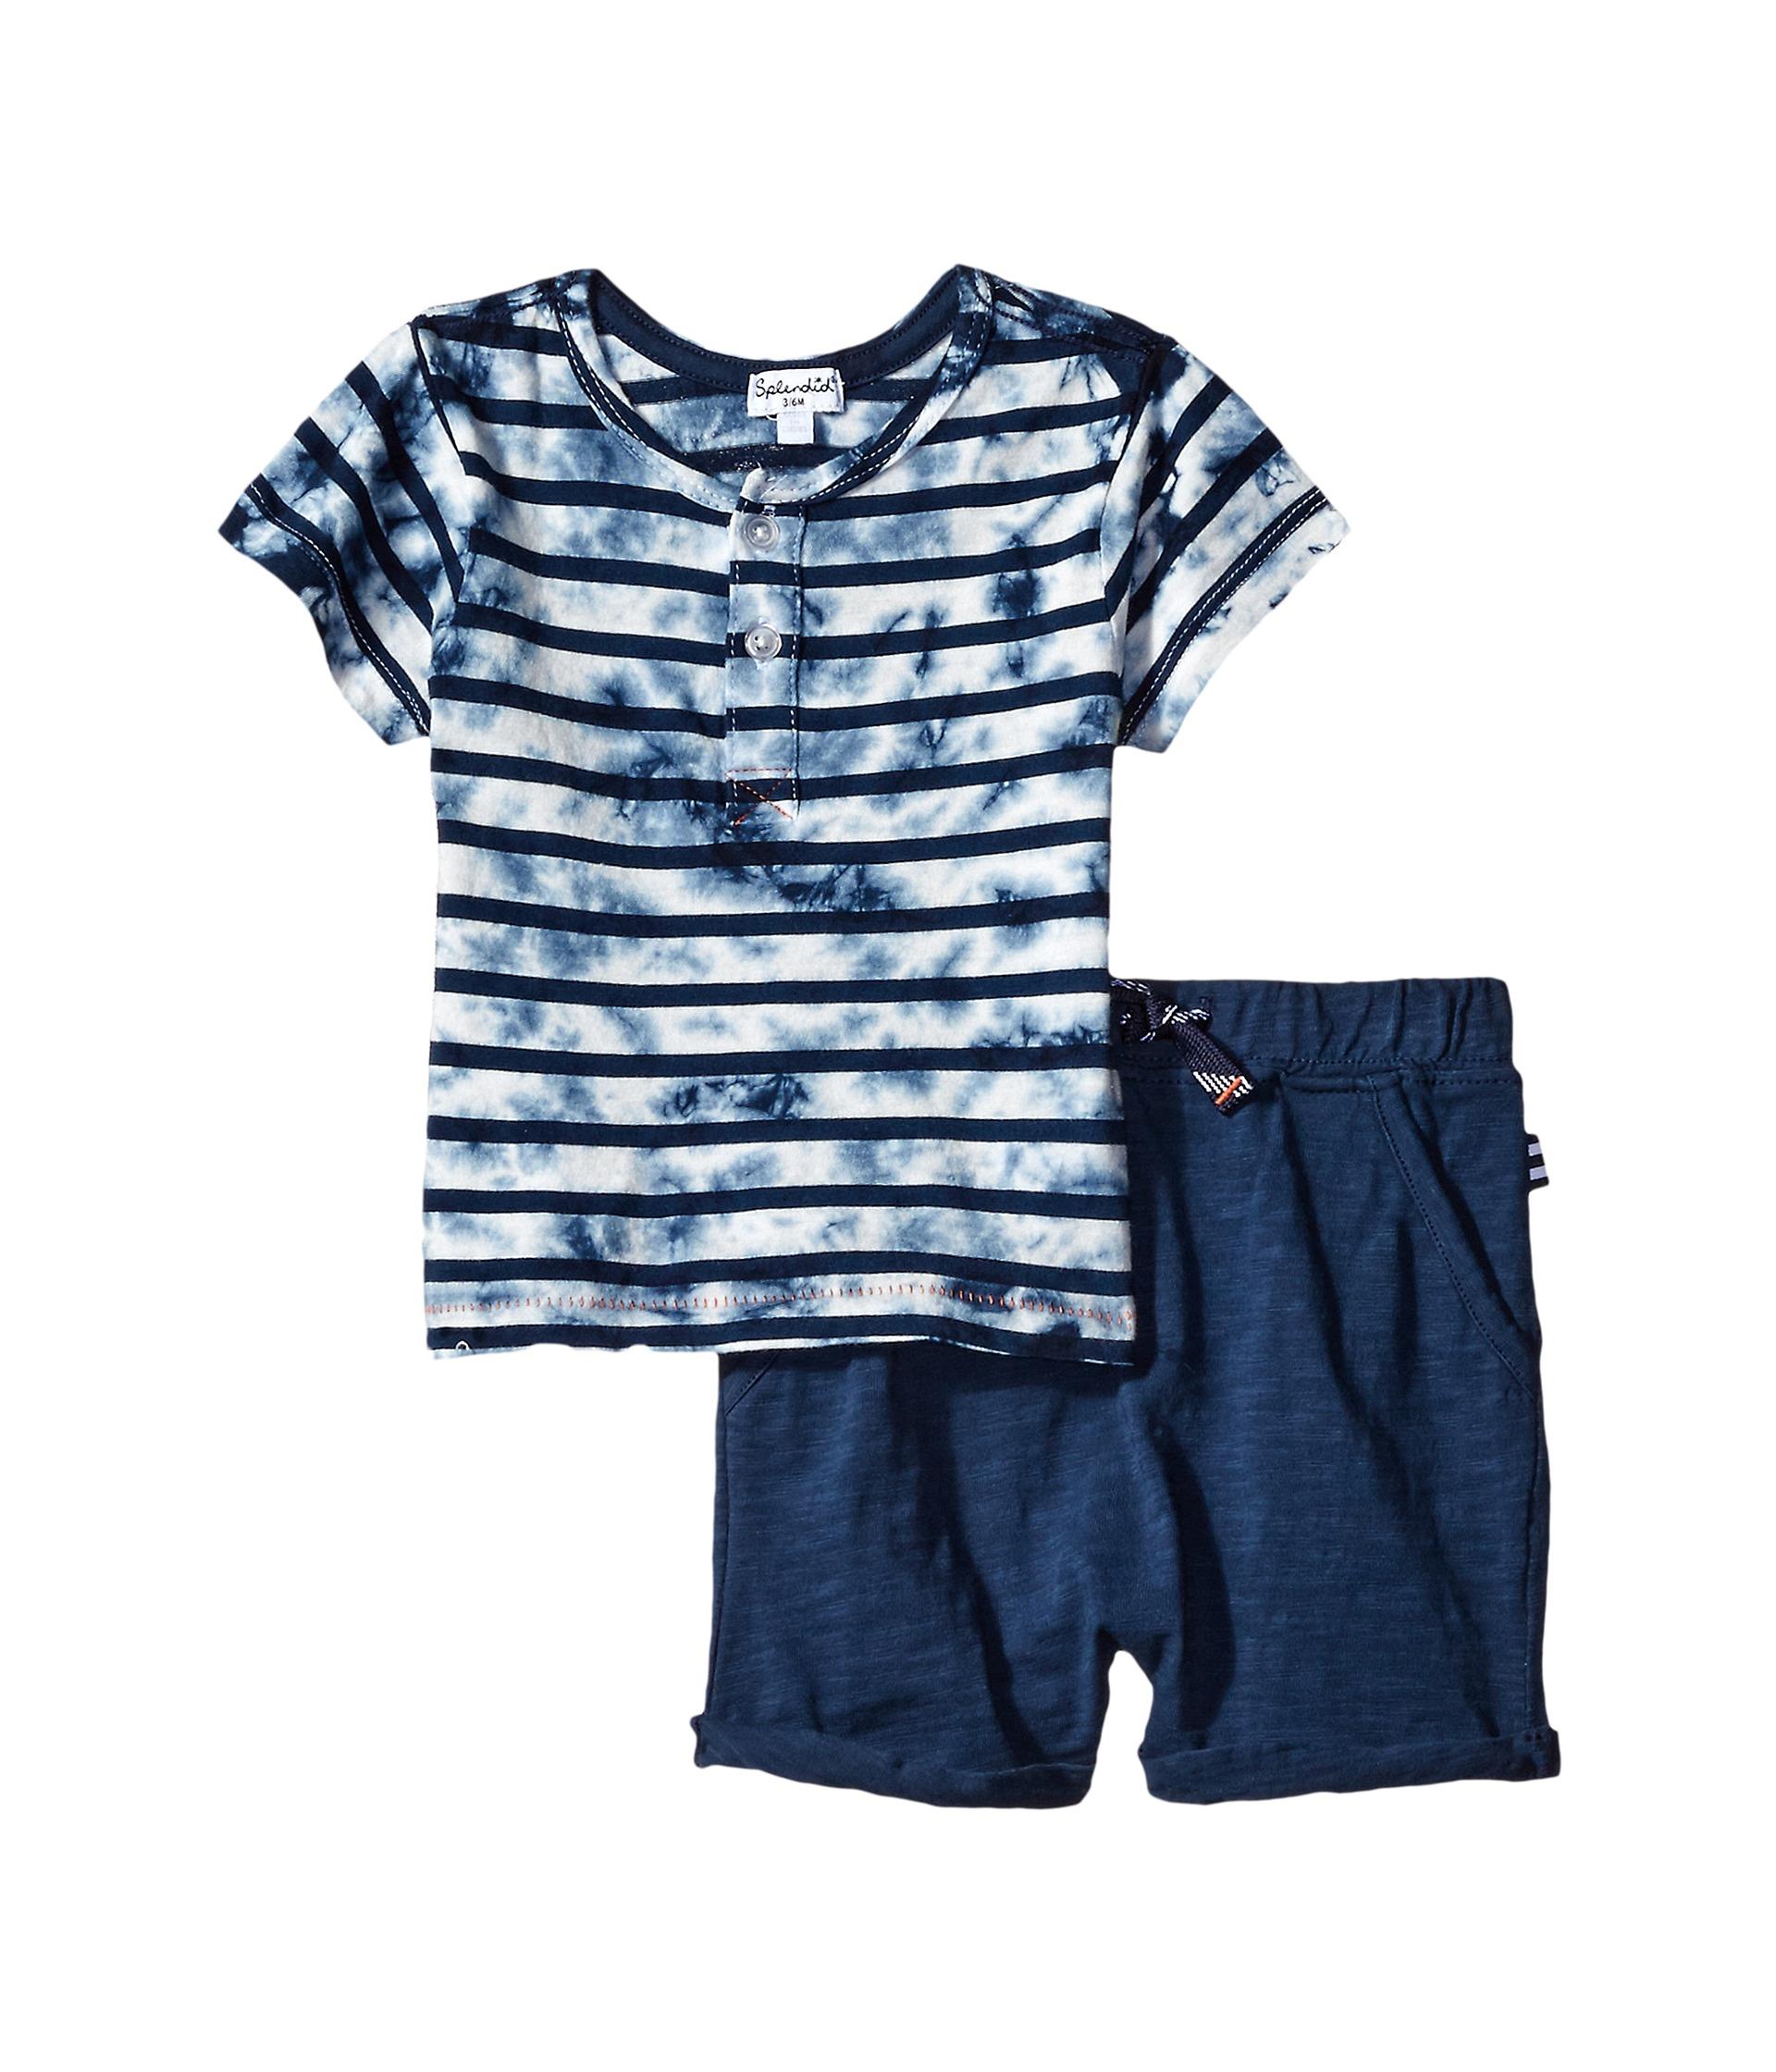 Splendid littles tie dye short sleeve shorts set infant for Splendid infant